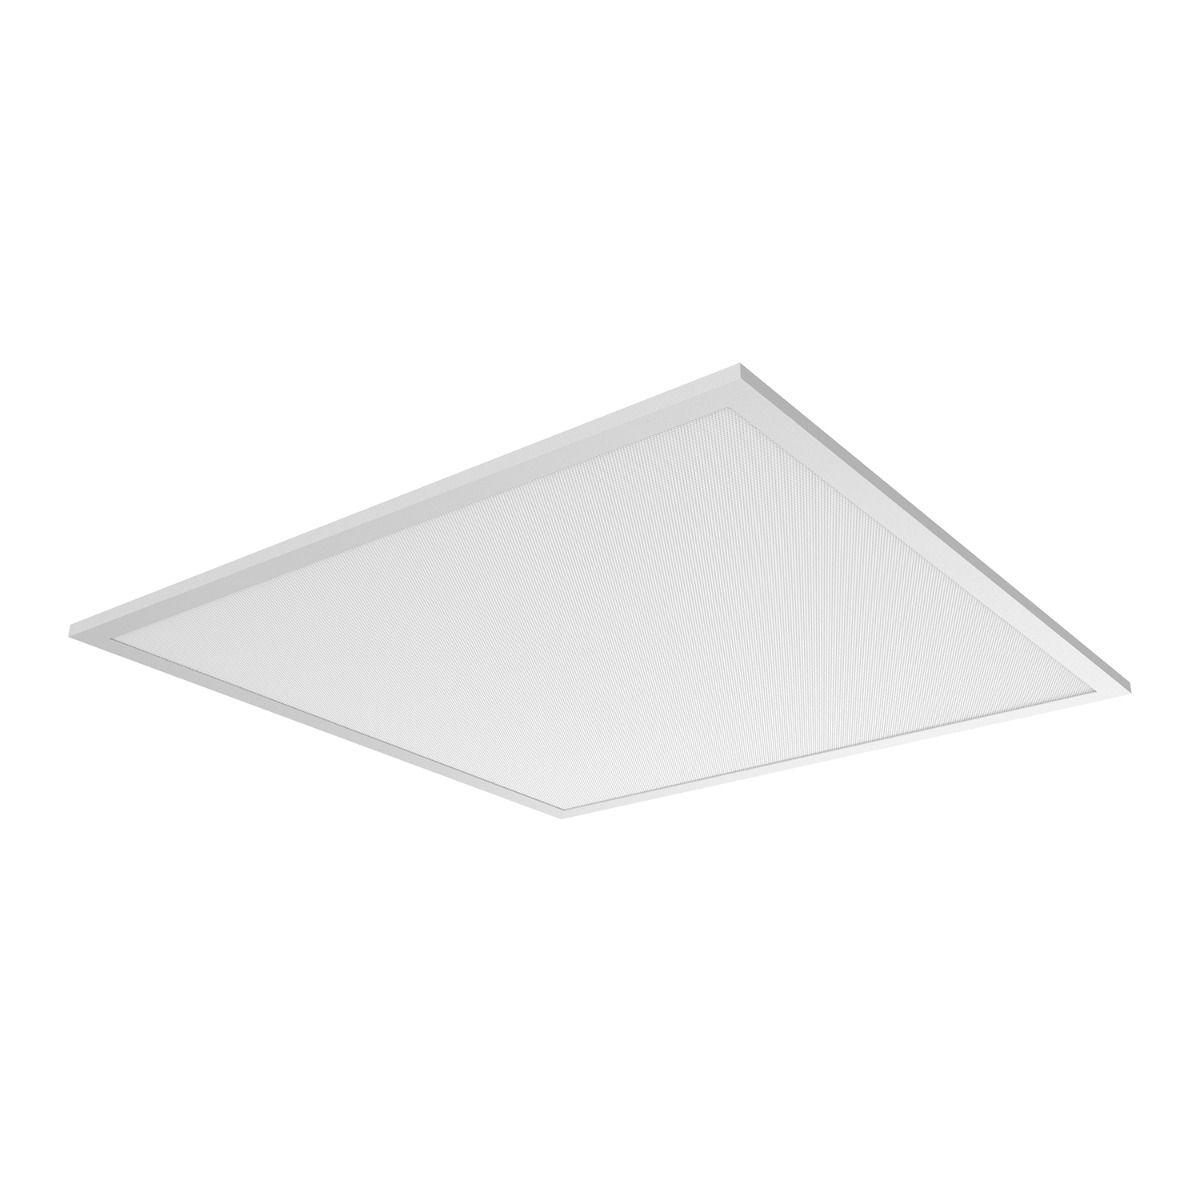 Noxion LED panel Delta Pro V3 Highlum DALI 36W 3000K 5225lm 60x60cm UGR <19 | varm hvit - erstatter 4x18W